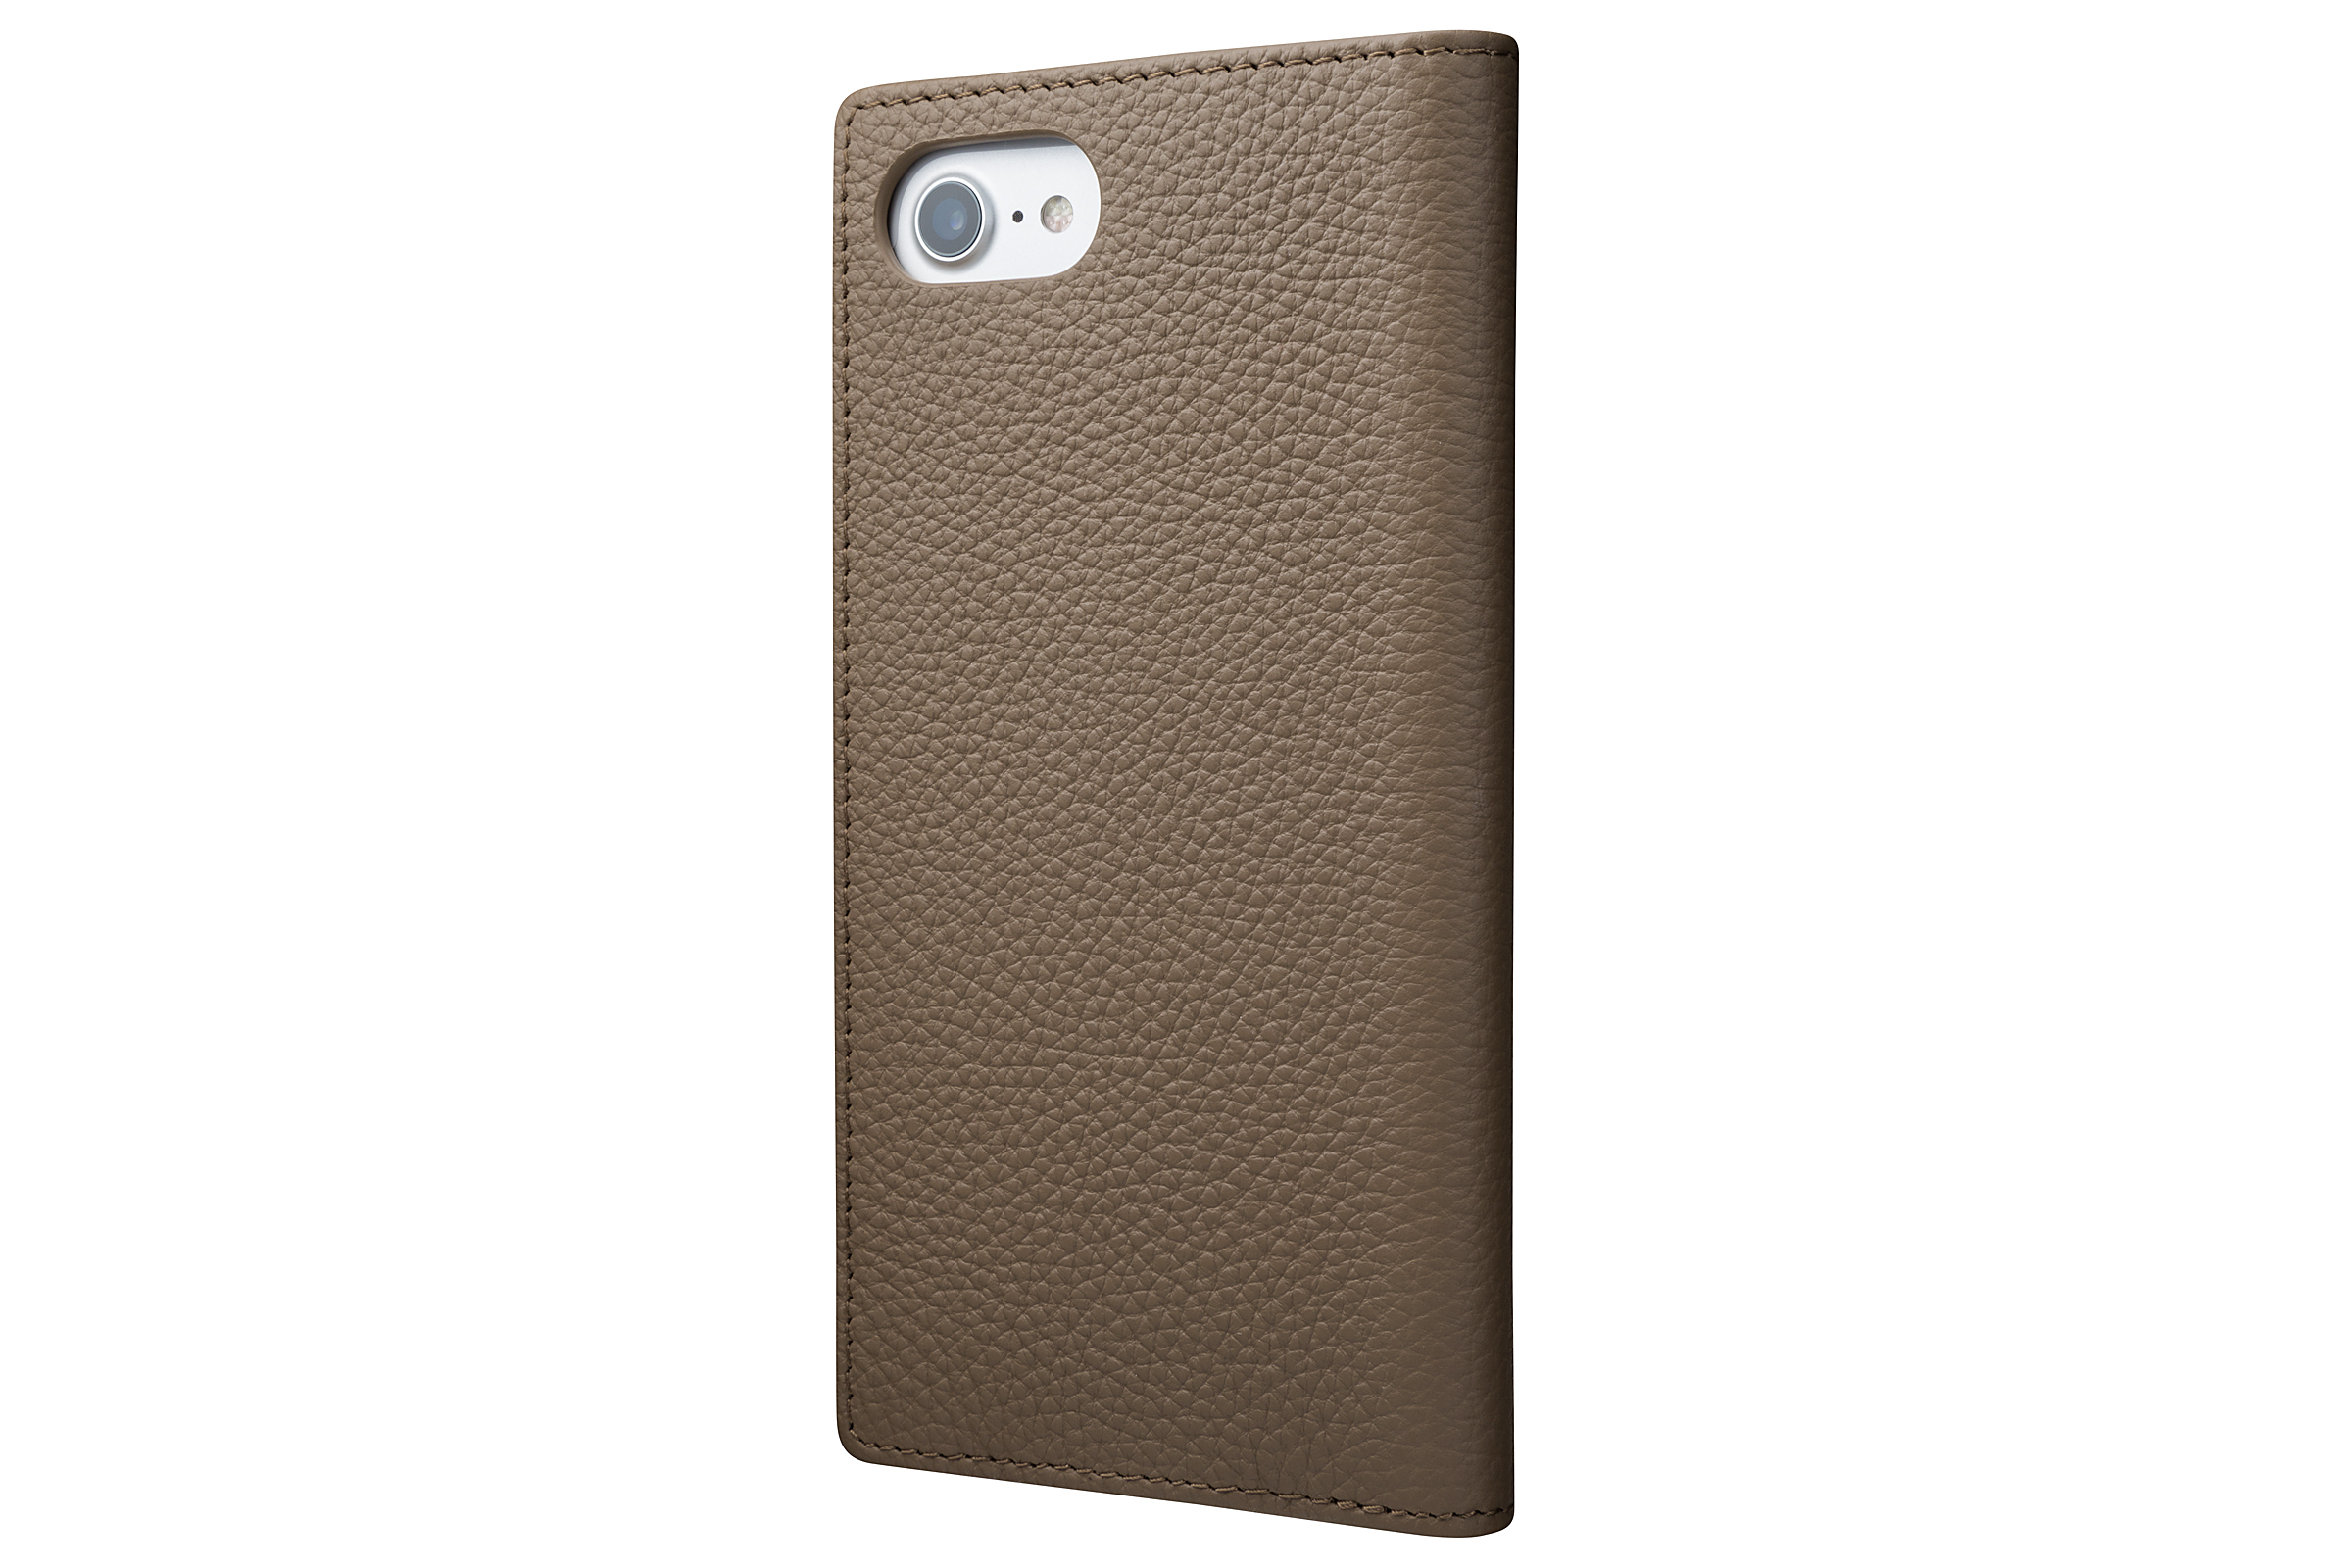 GRAMAS Shrunken-calf Full Leather Case for iPhone 7(Taupe(トープ)) シュランケンカーフ 手帳型フルレザーケース GLC646TP - 画像2